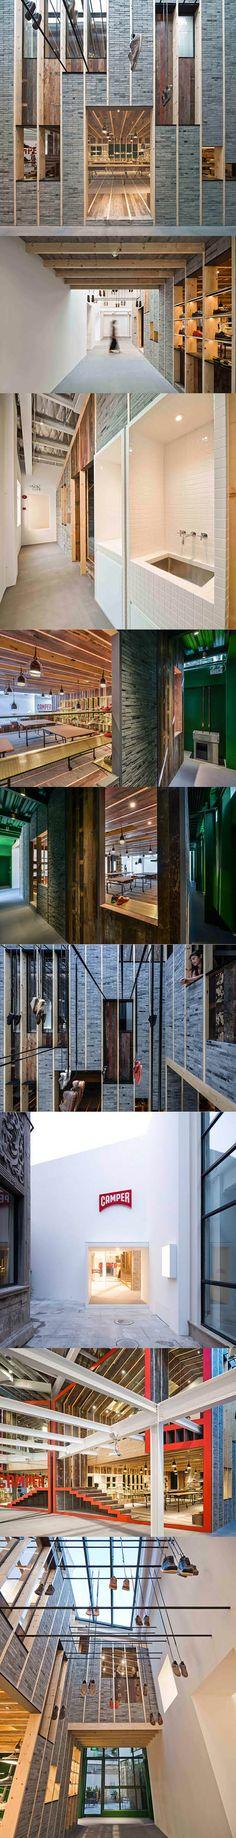 2013 Neri & Hu - Camper Showroom / Shanghai China / wood stone / white red / commercial